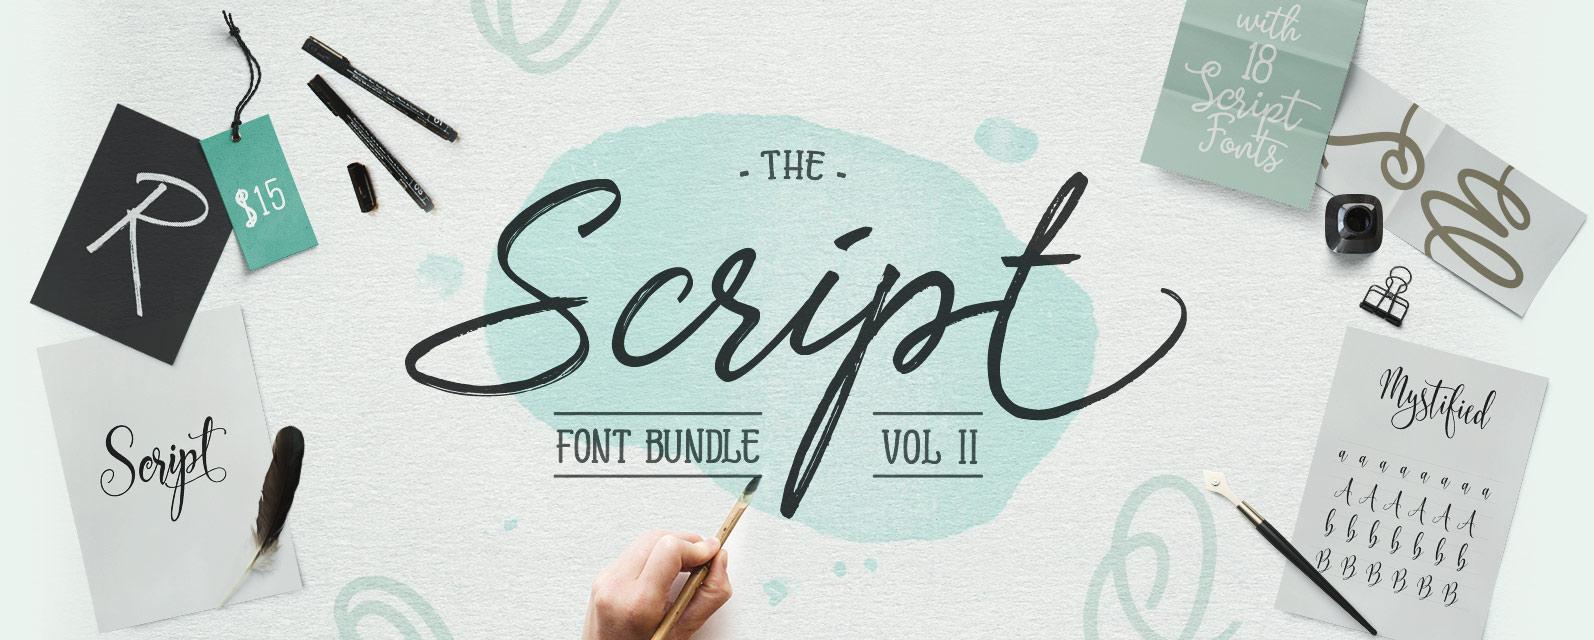 The Script Font Bundle Vol 2 Cover